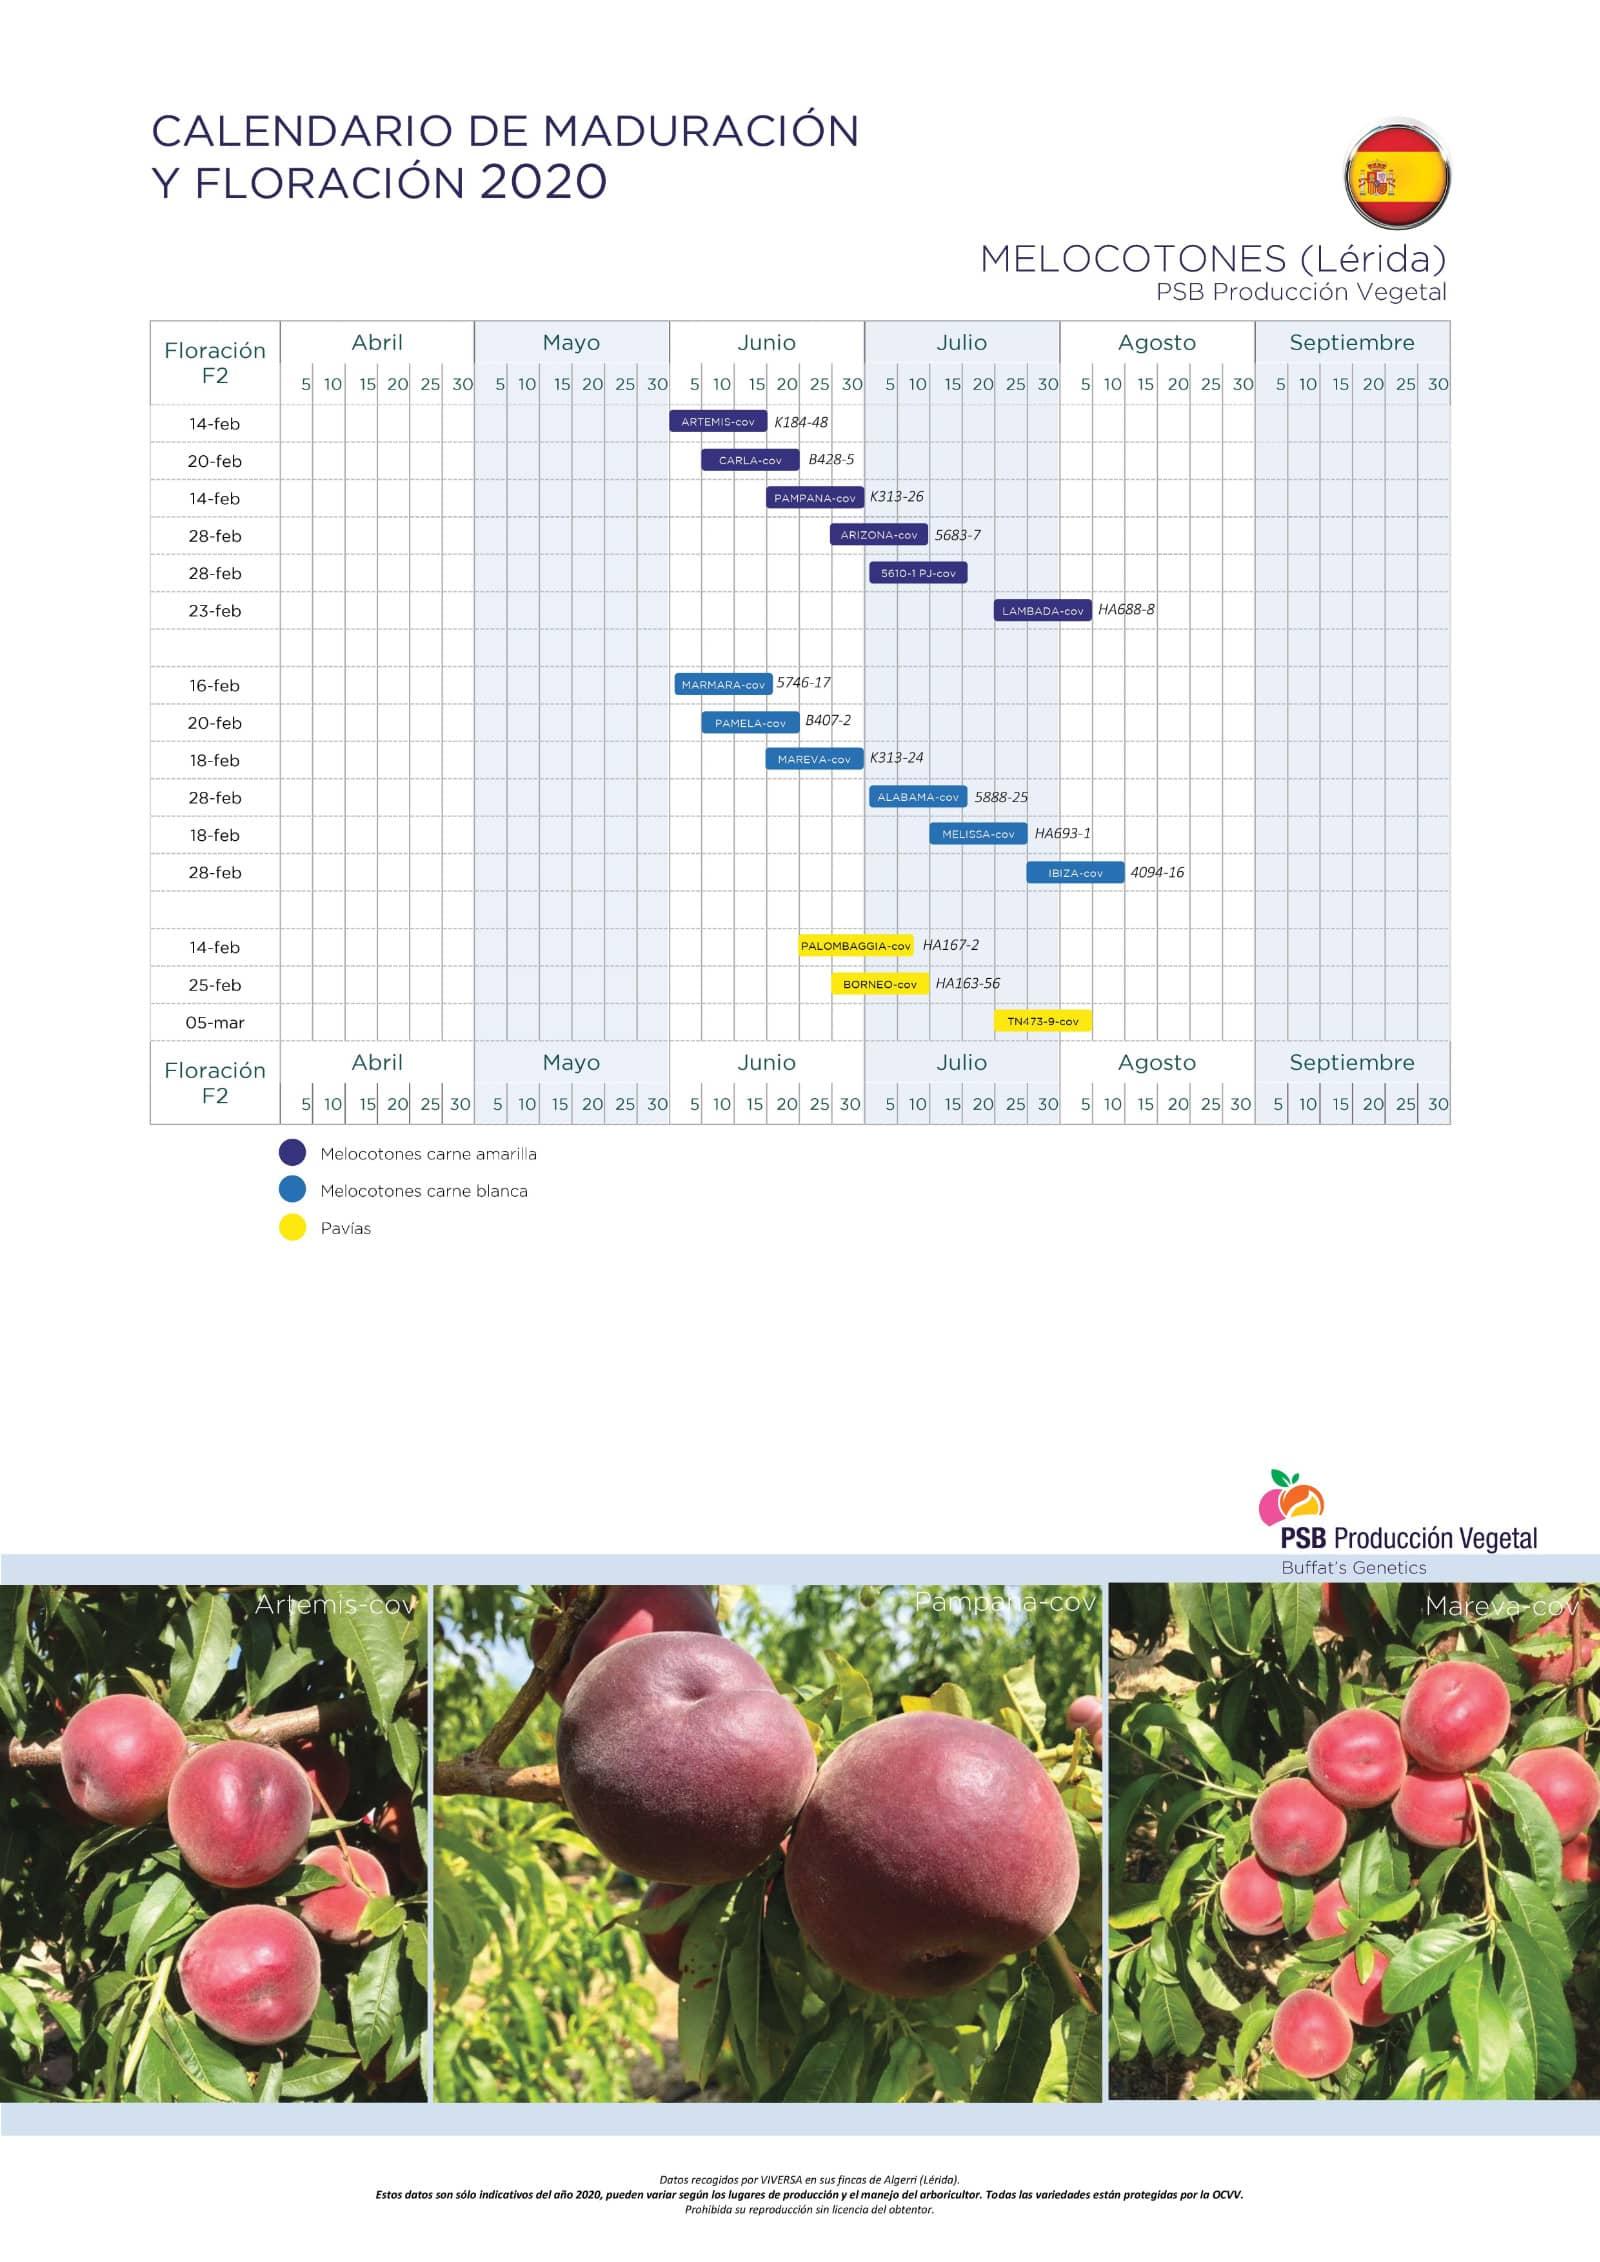 Calendario melocotones